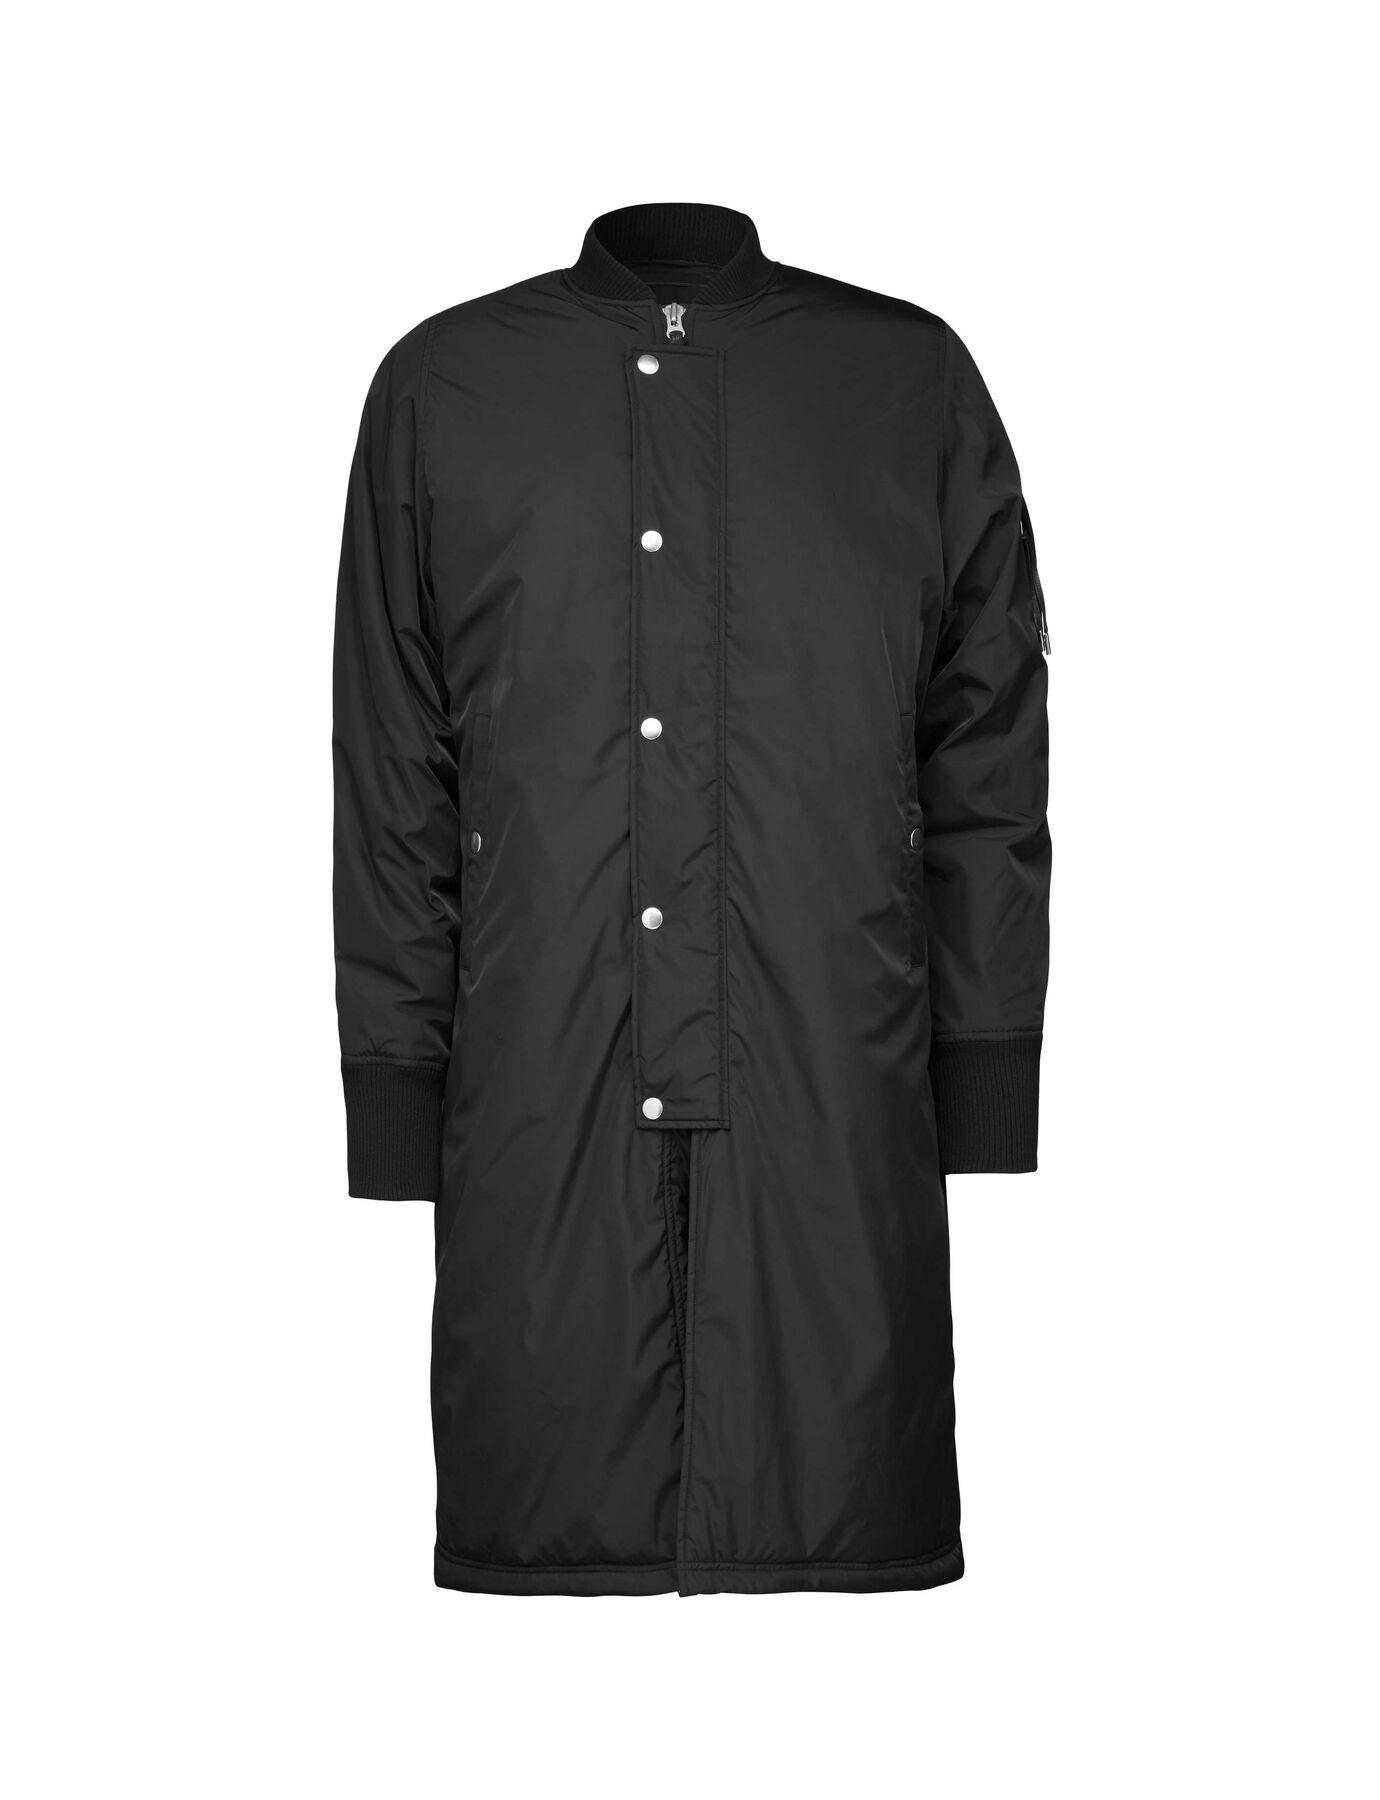 TIDE COAT in Black from Tiger of Sweden